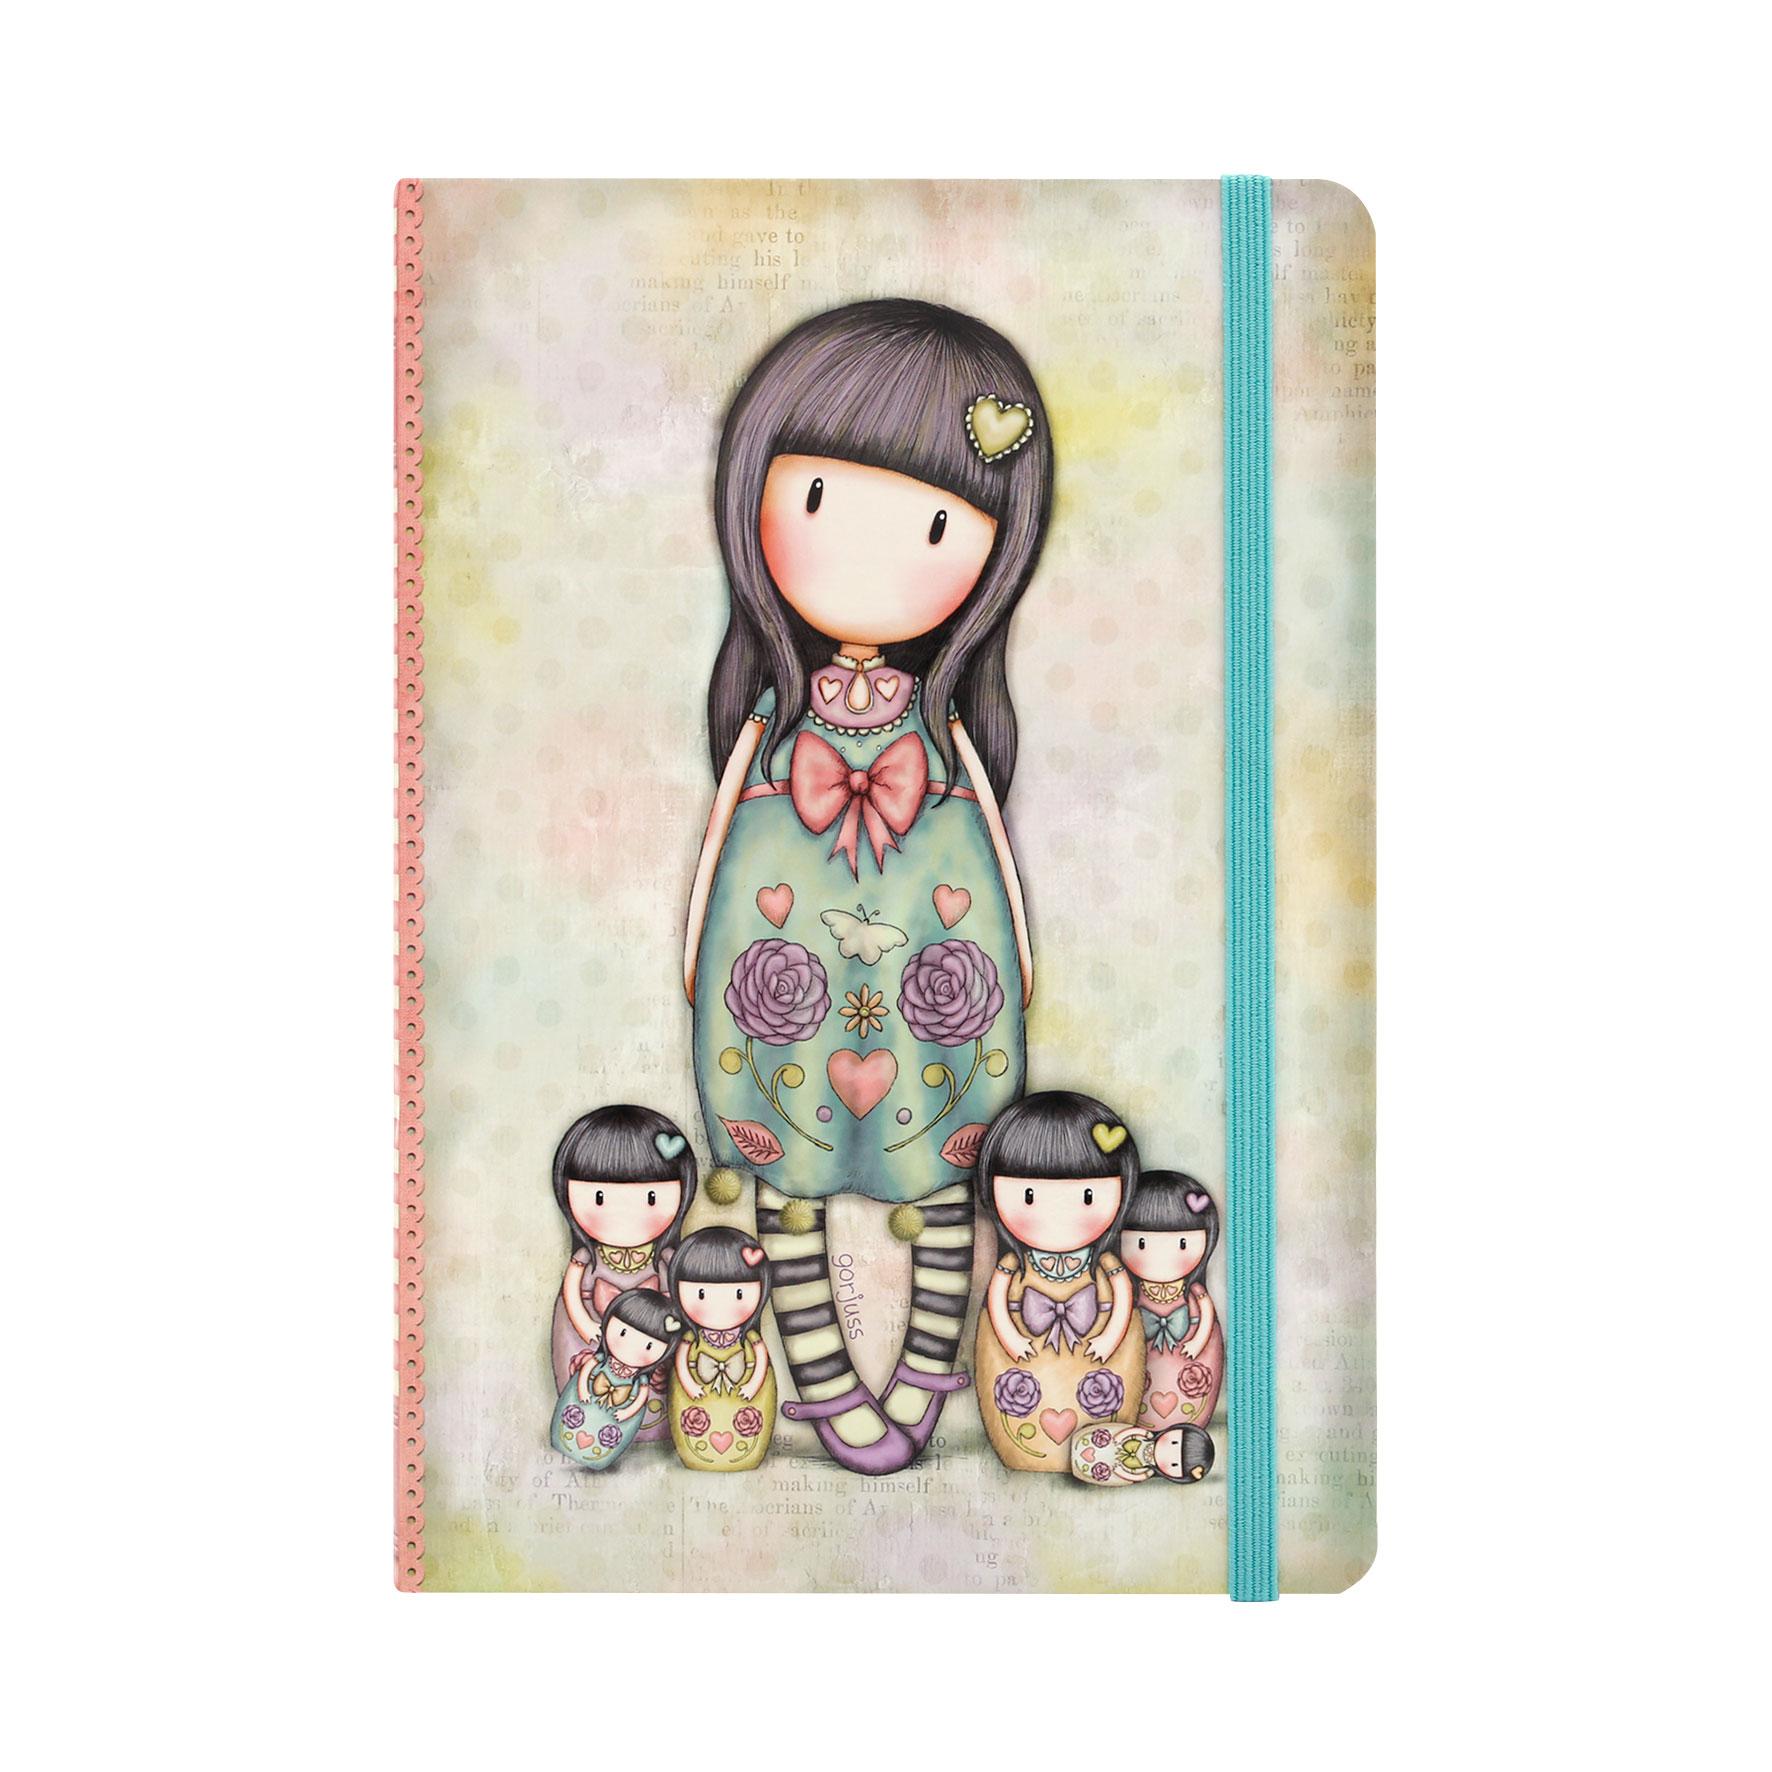 Блокнот в твердой обложке - Seven Sisters из серии GorjussGorjuss Santoro London<br>Блокнот в твердой обложке - Seven Sisters из серии Gorjuss<br>